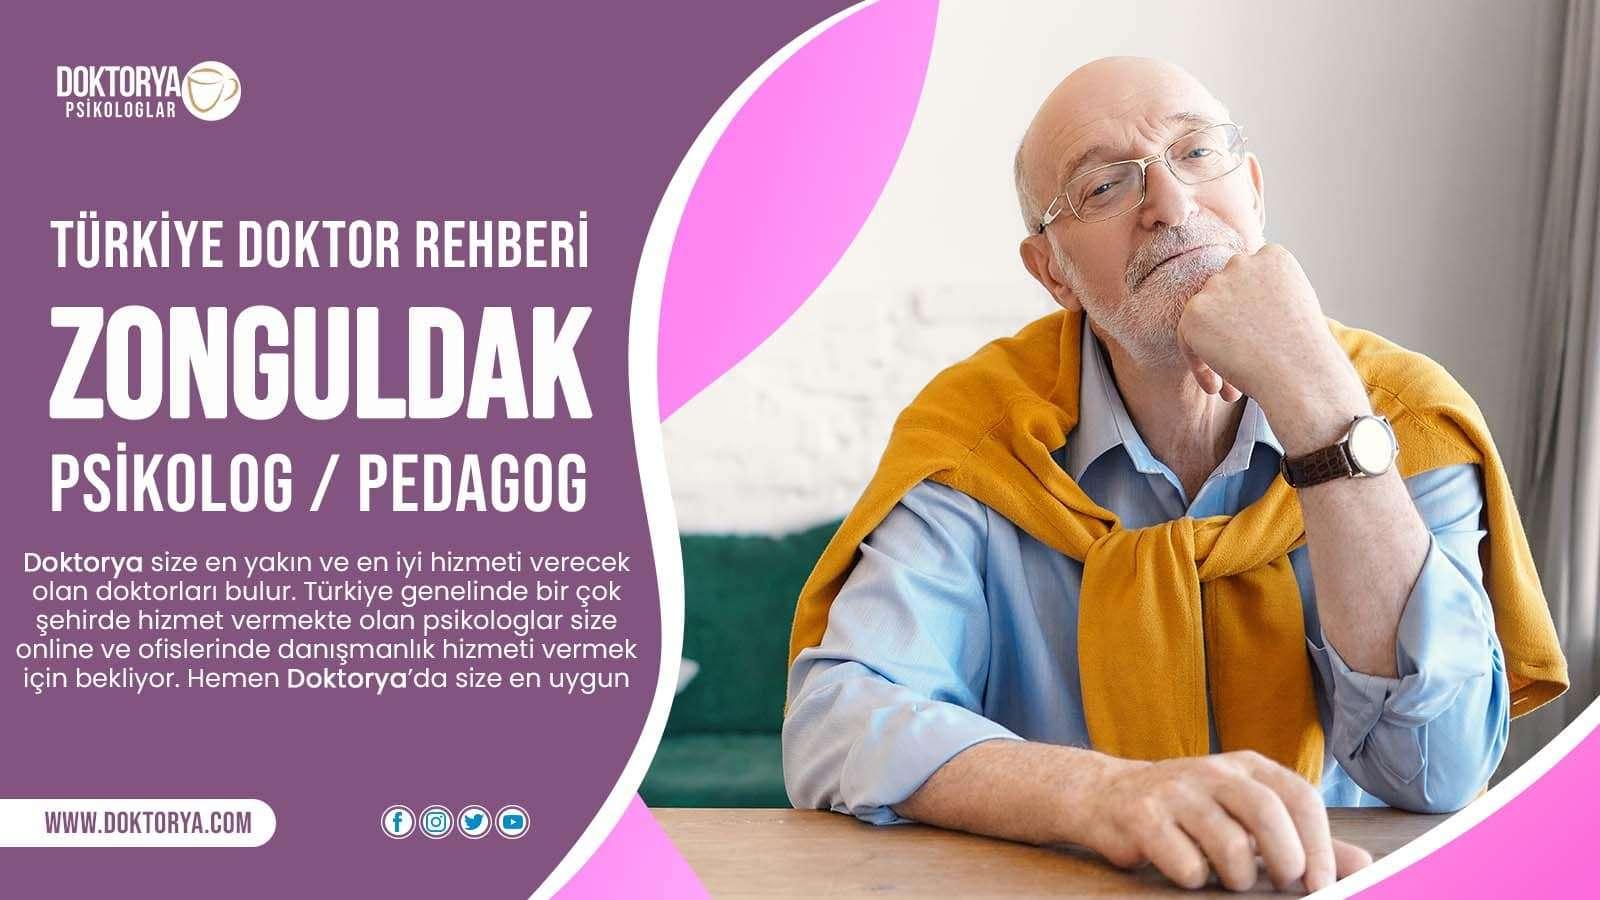 Zonguldak Psikolog